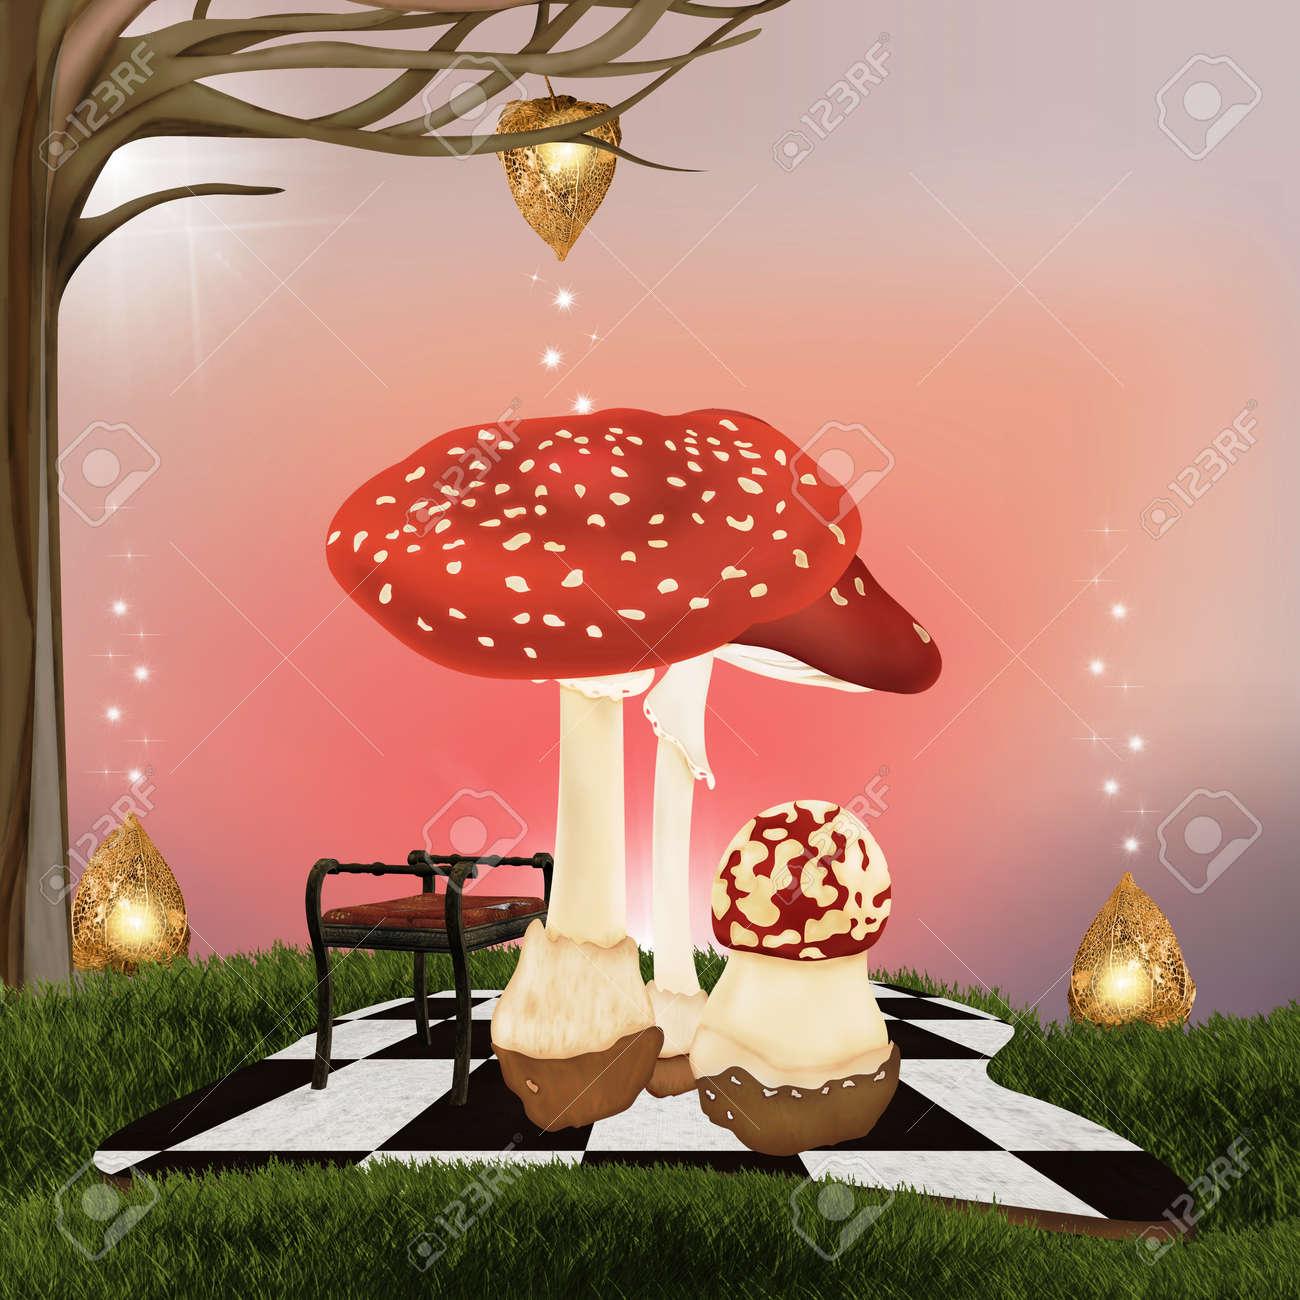 Wonderland background Stock Photo - 13511358